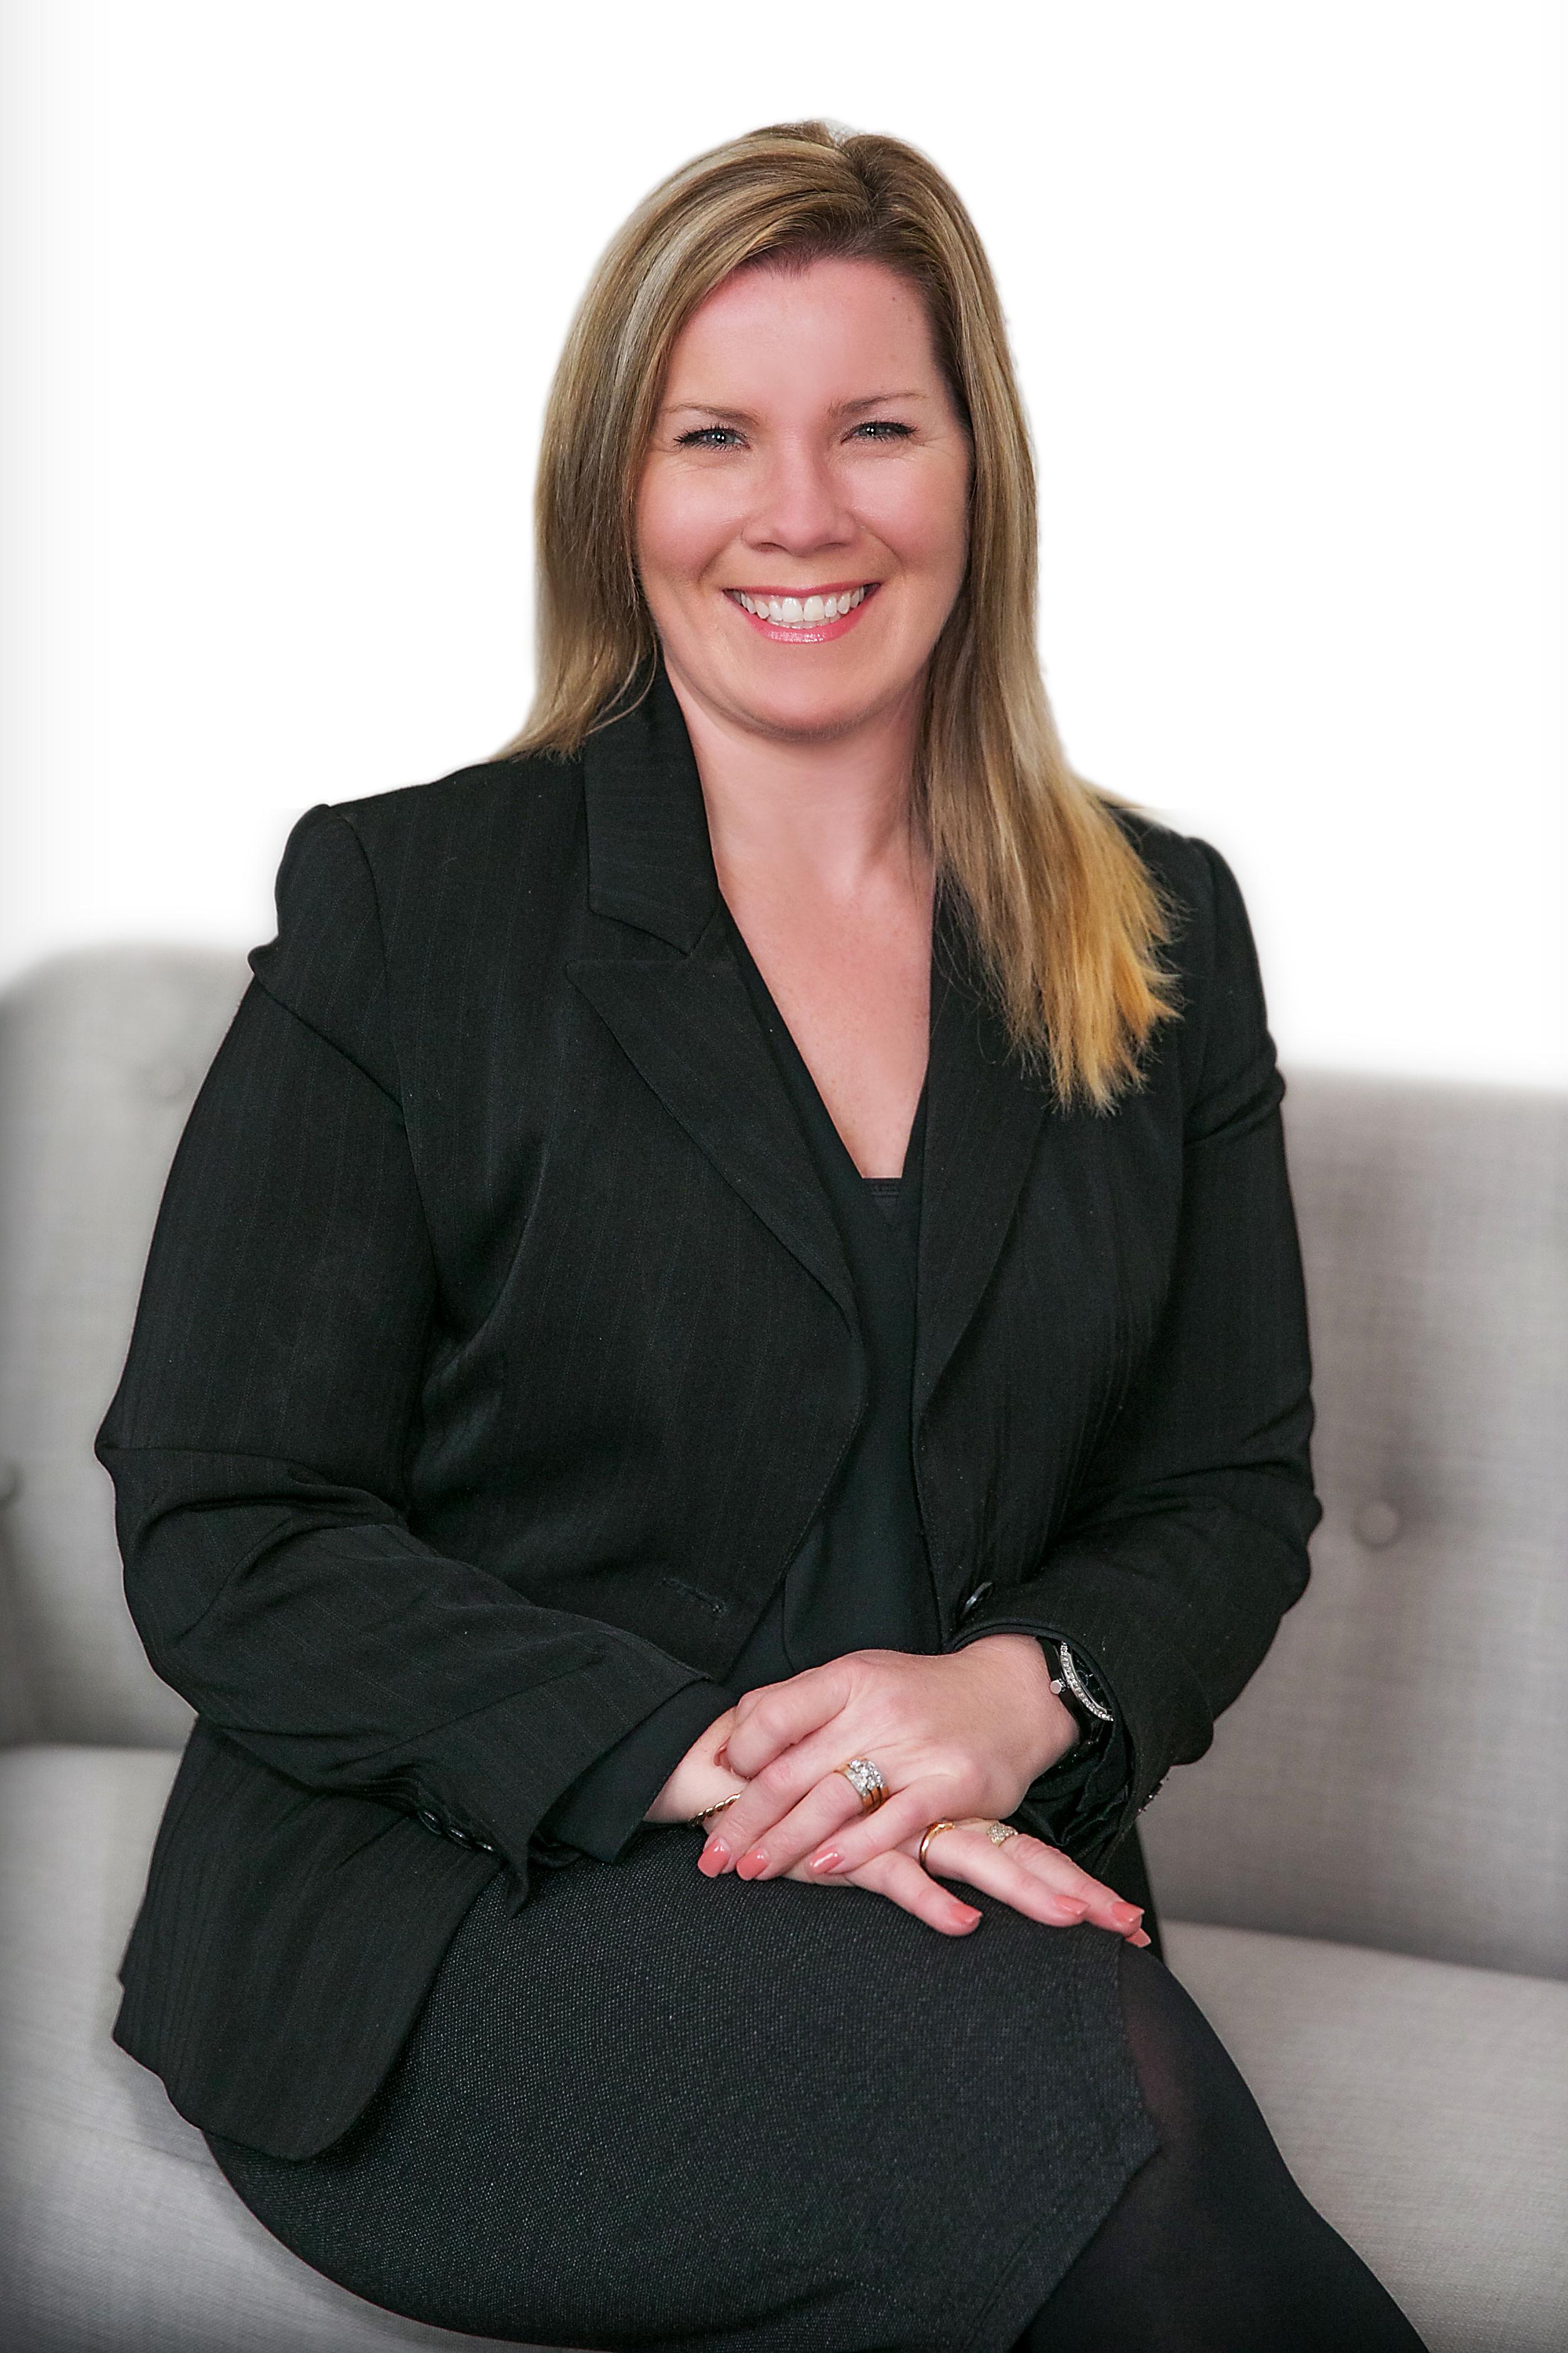 Belinda Lewin